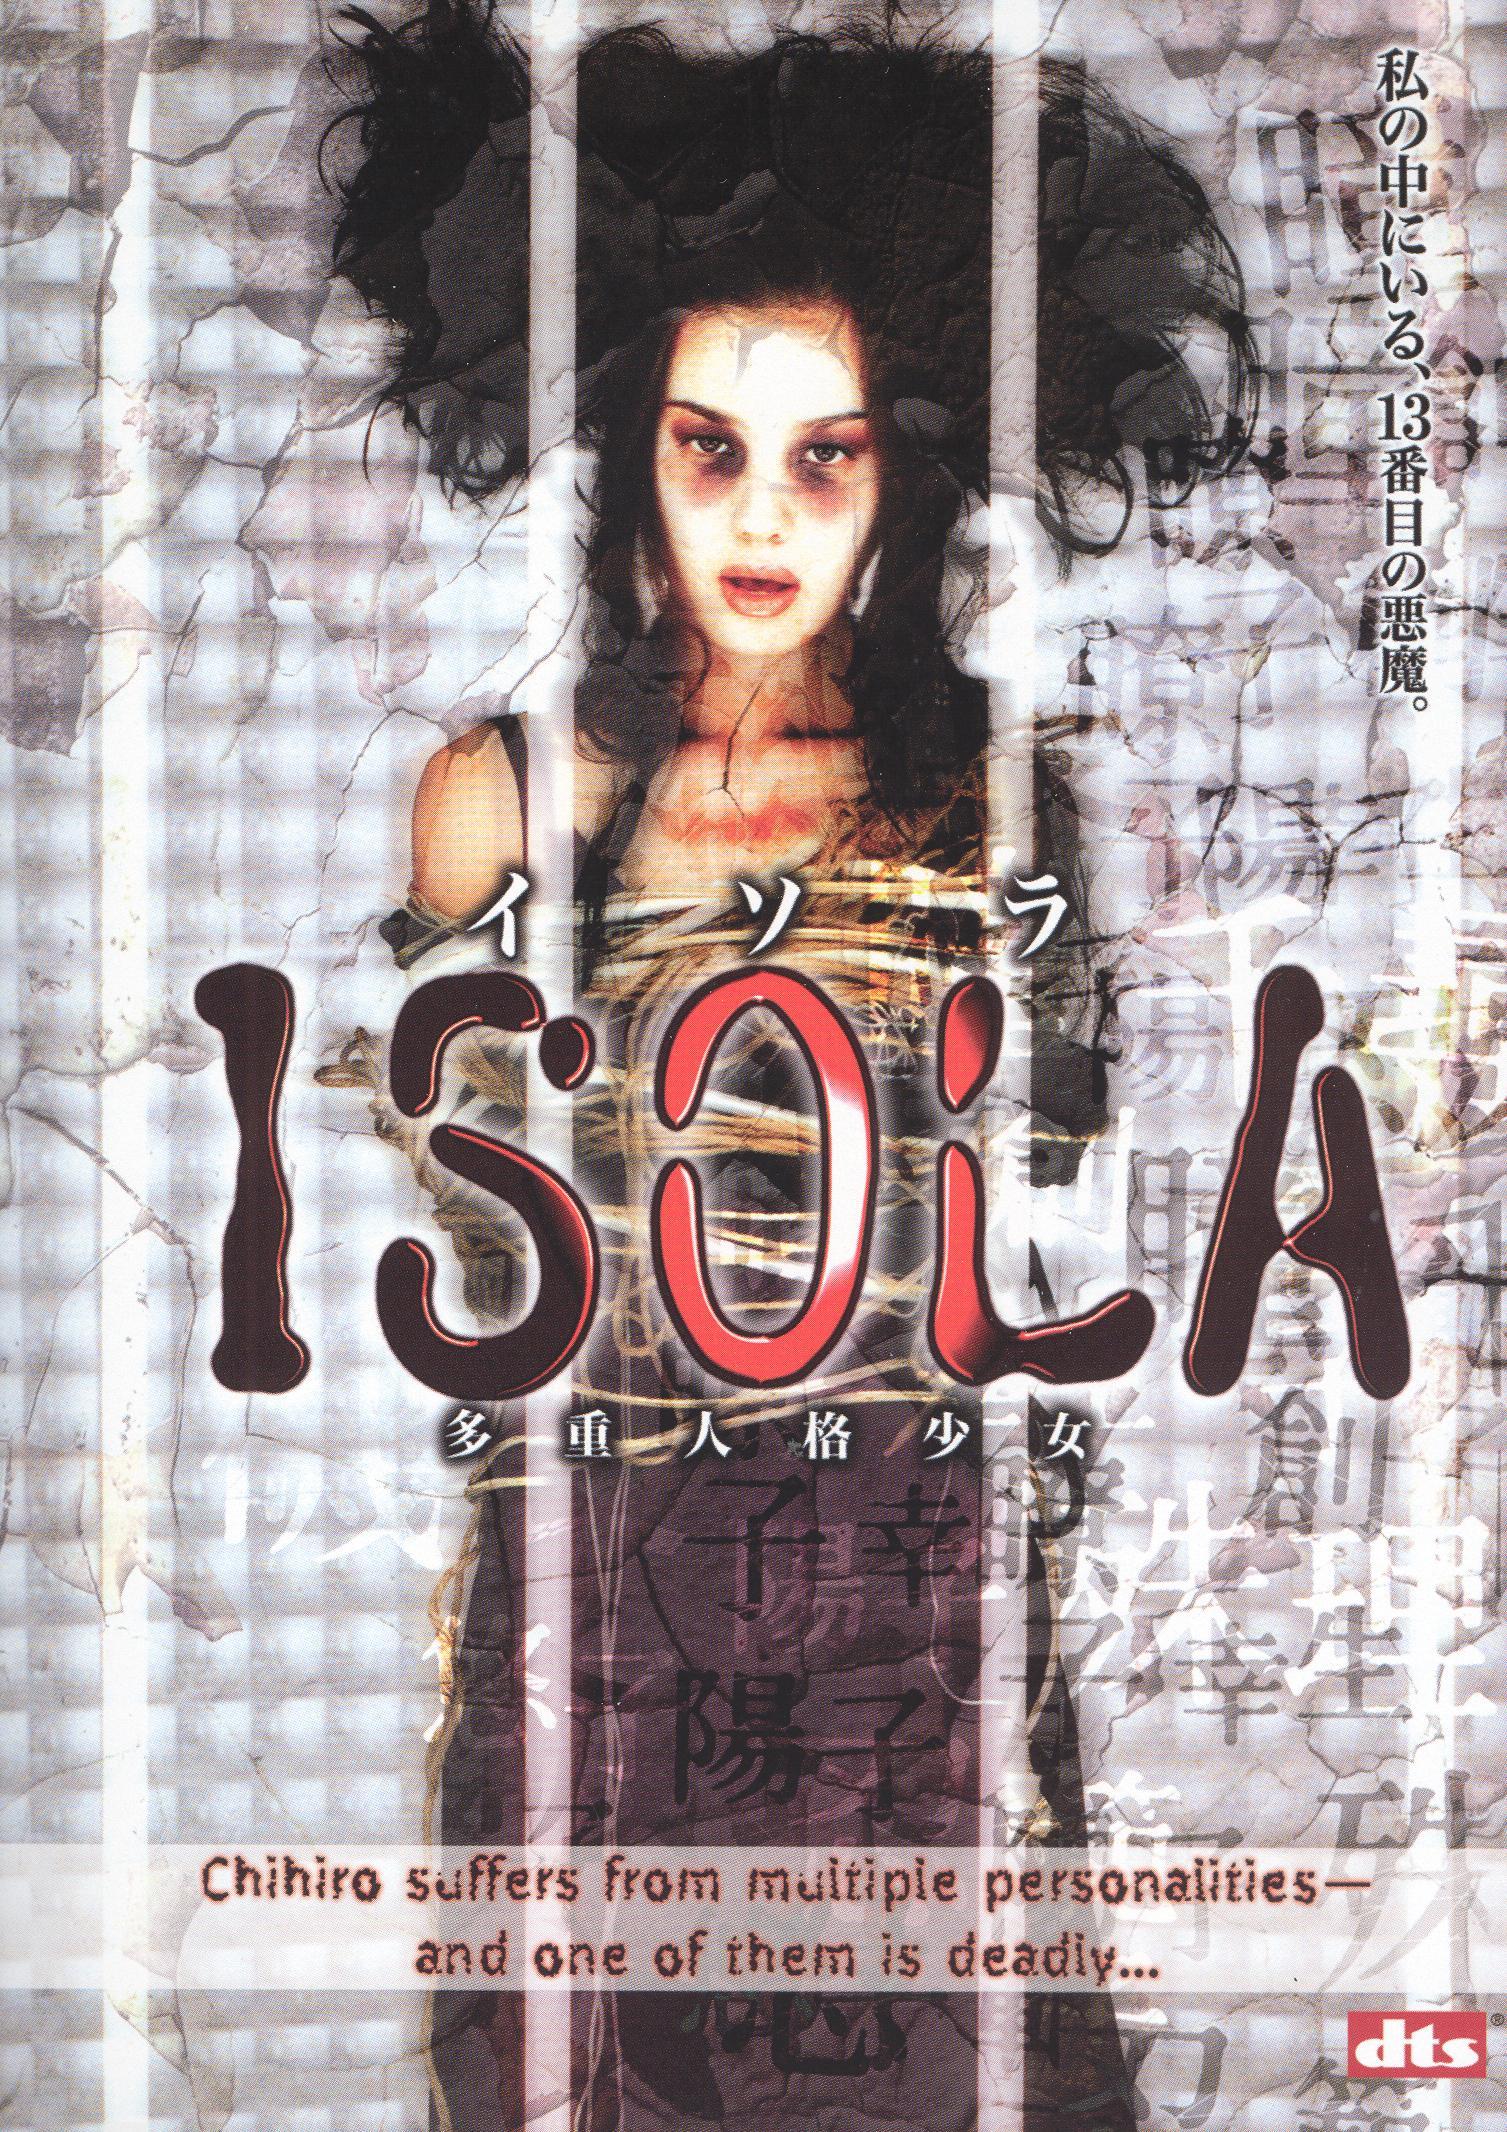 Isola: Persona 13